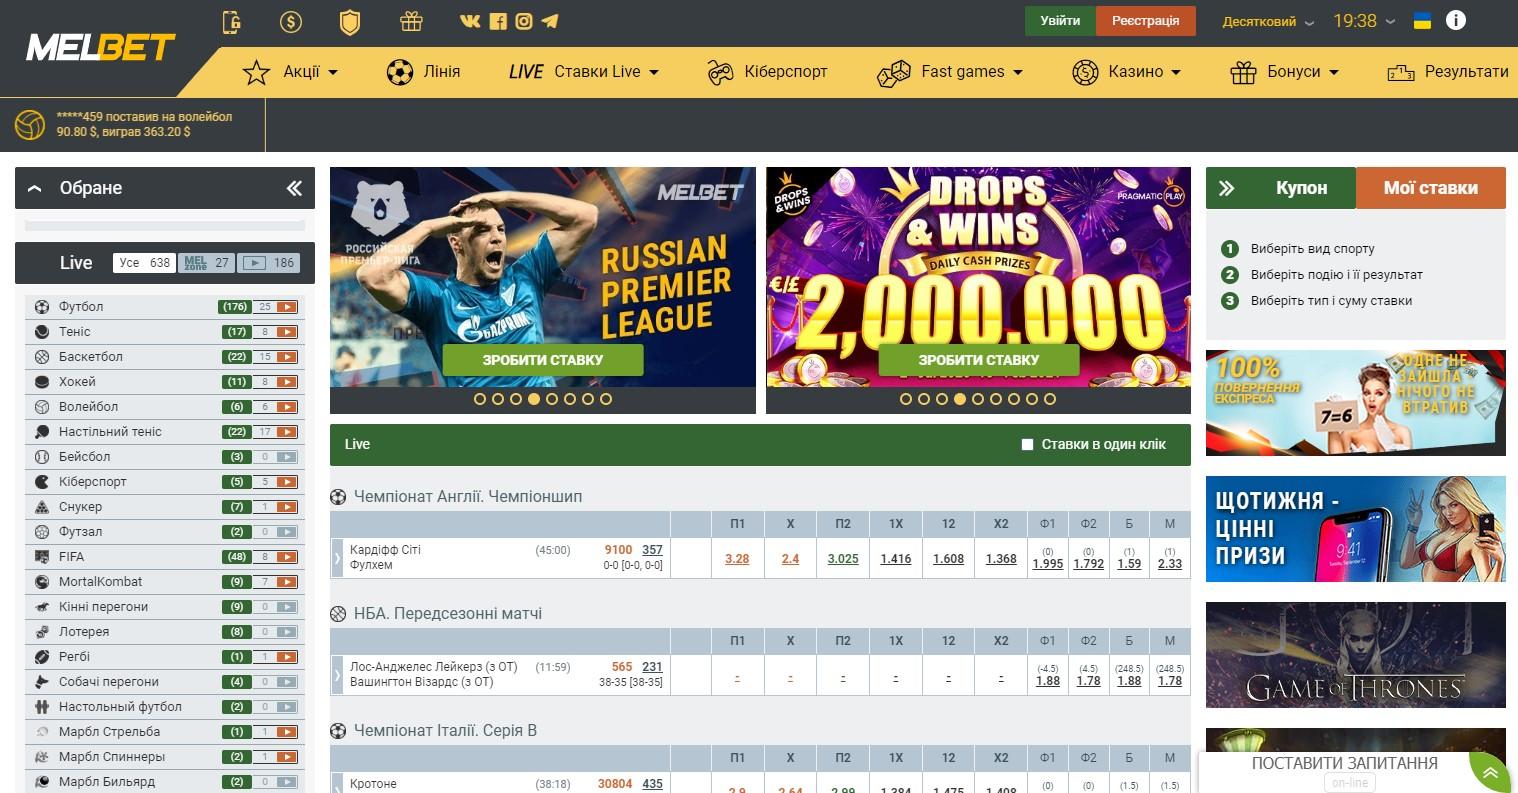 ТОП букмекерских контор - список лучших букмекеров 2021